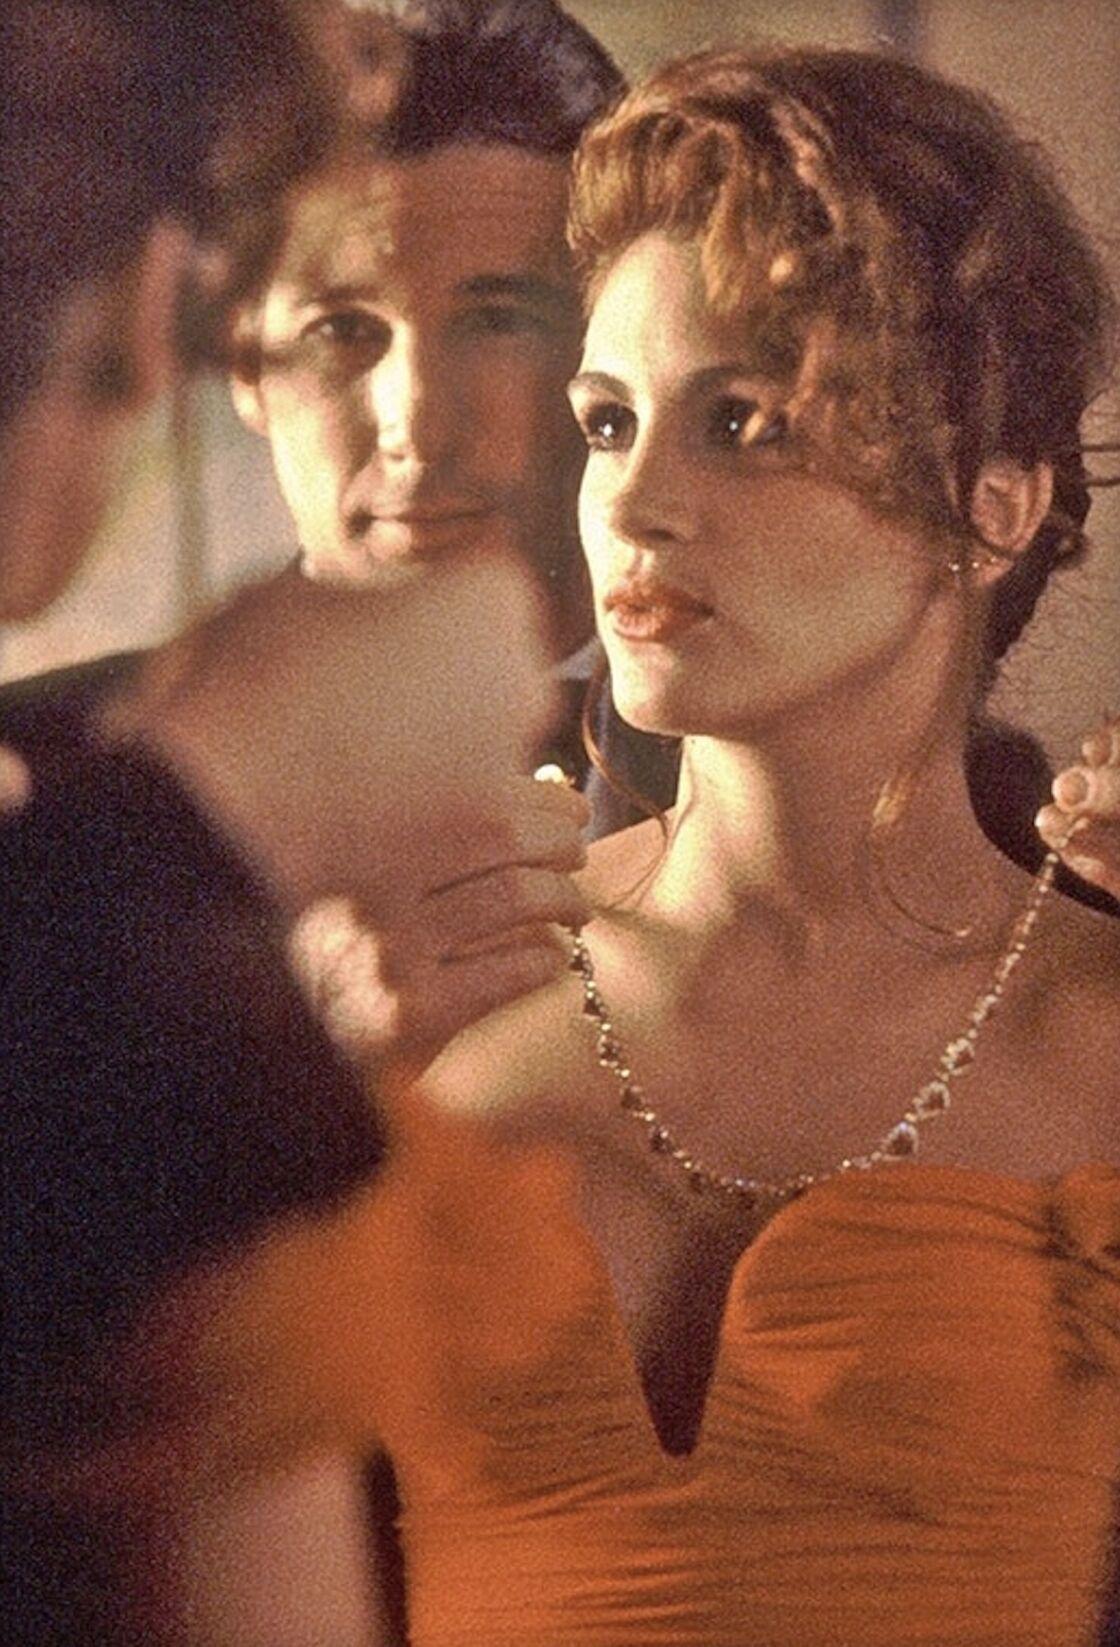 Inoubliable sur Julia Roberts, ce collier en rubis avait été prêté de gré à gré à la production pour compléter la tenue d'opéra de Pretty Woman.